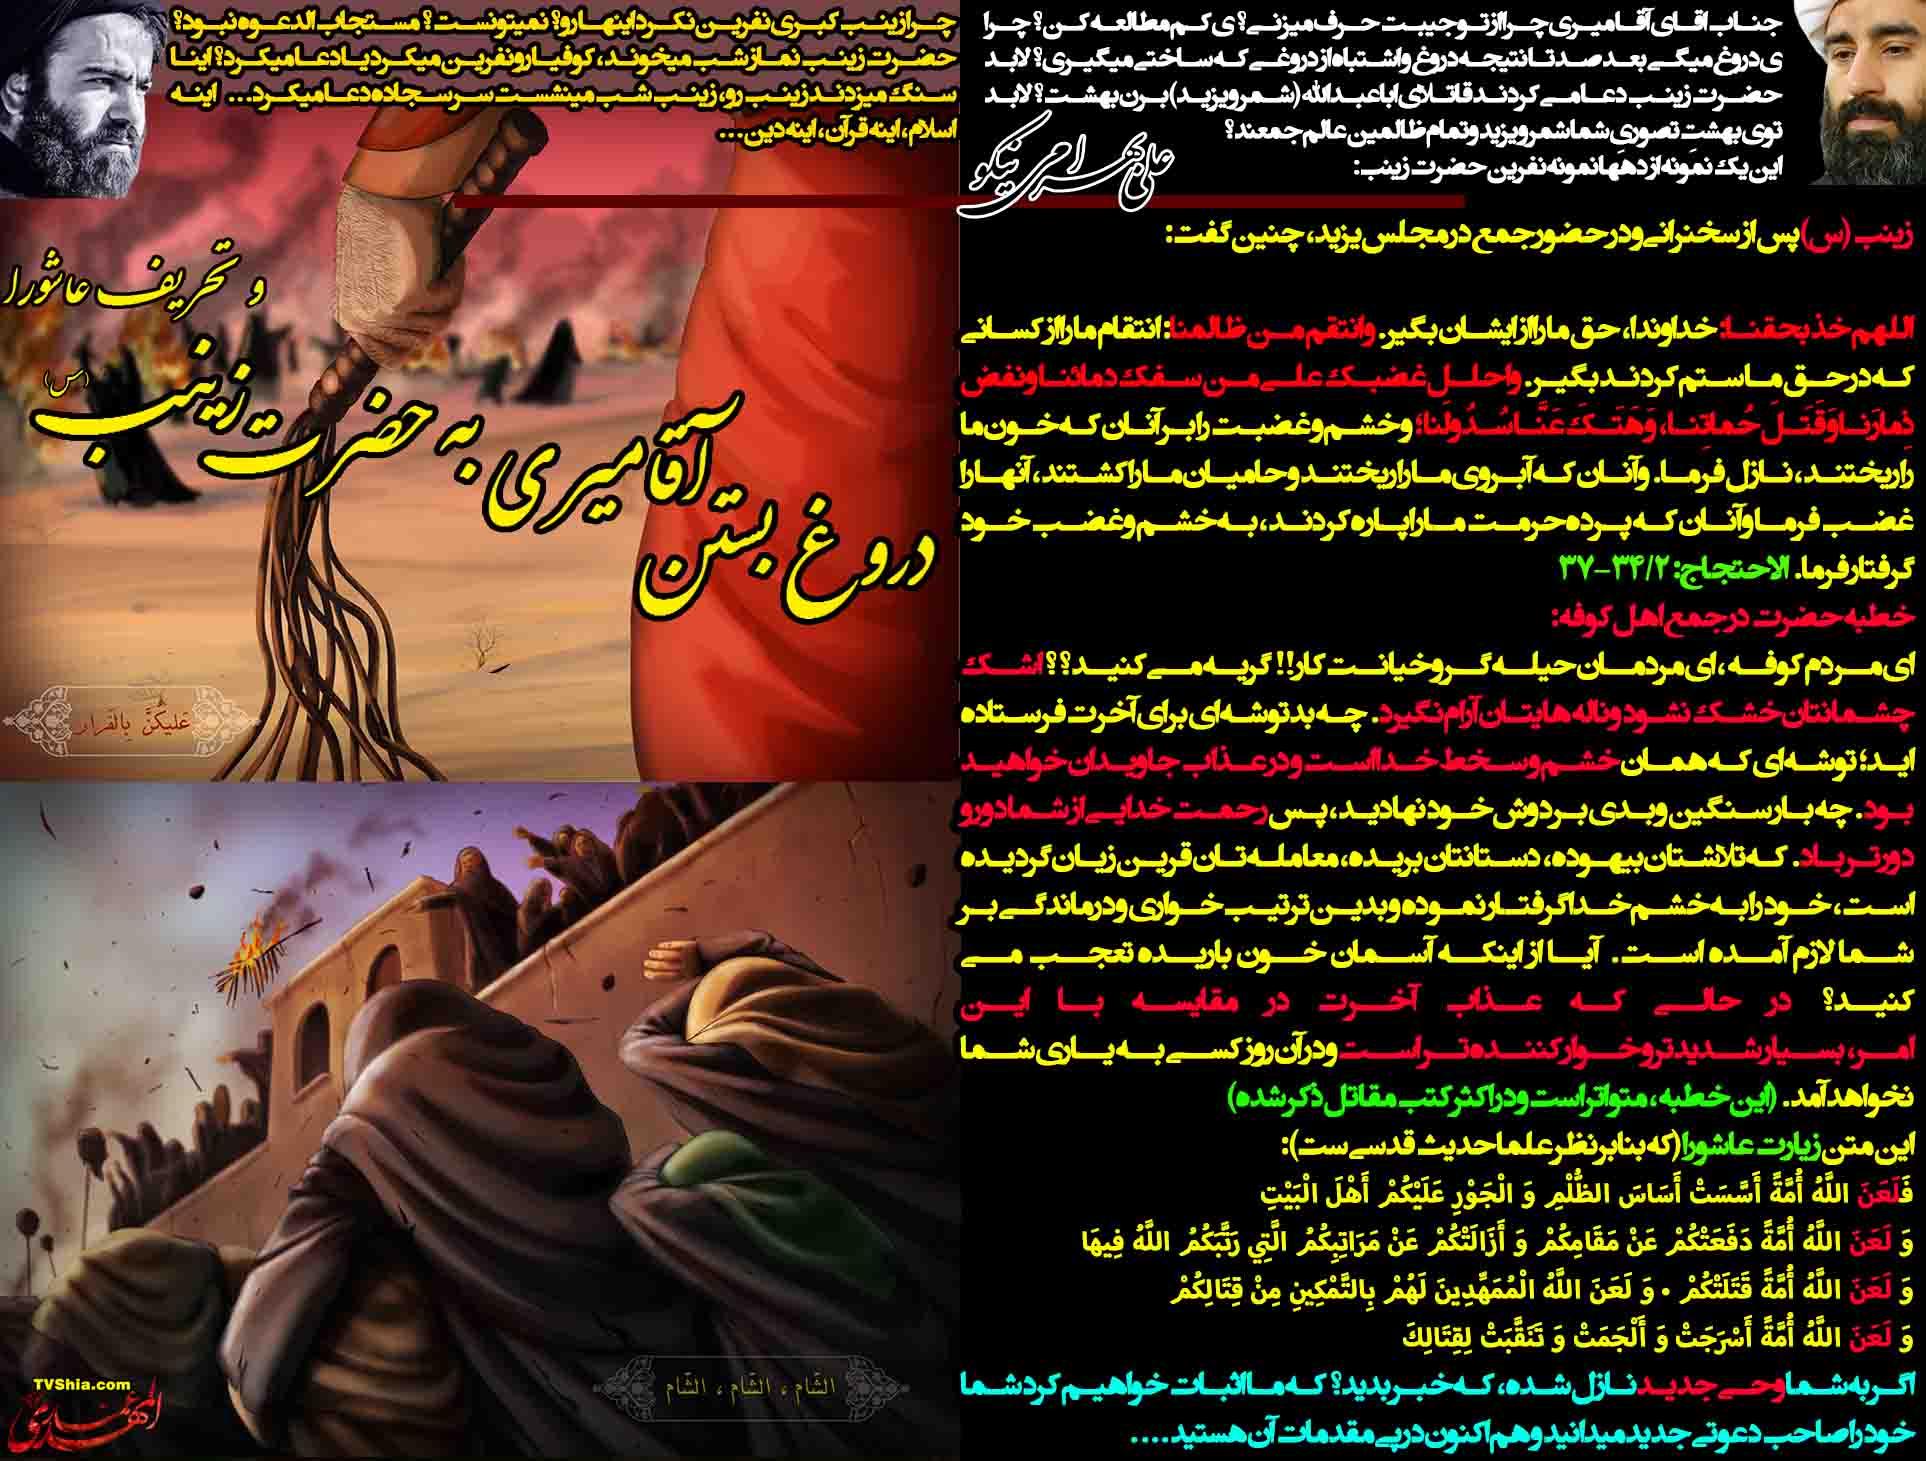 دروغ بستن آقامیری به حضرت زینب / تحریف عاشورا